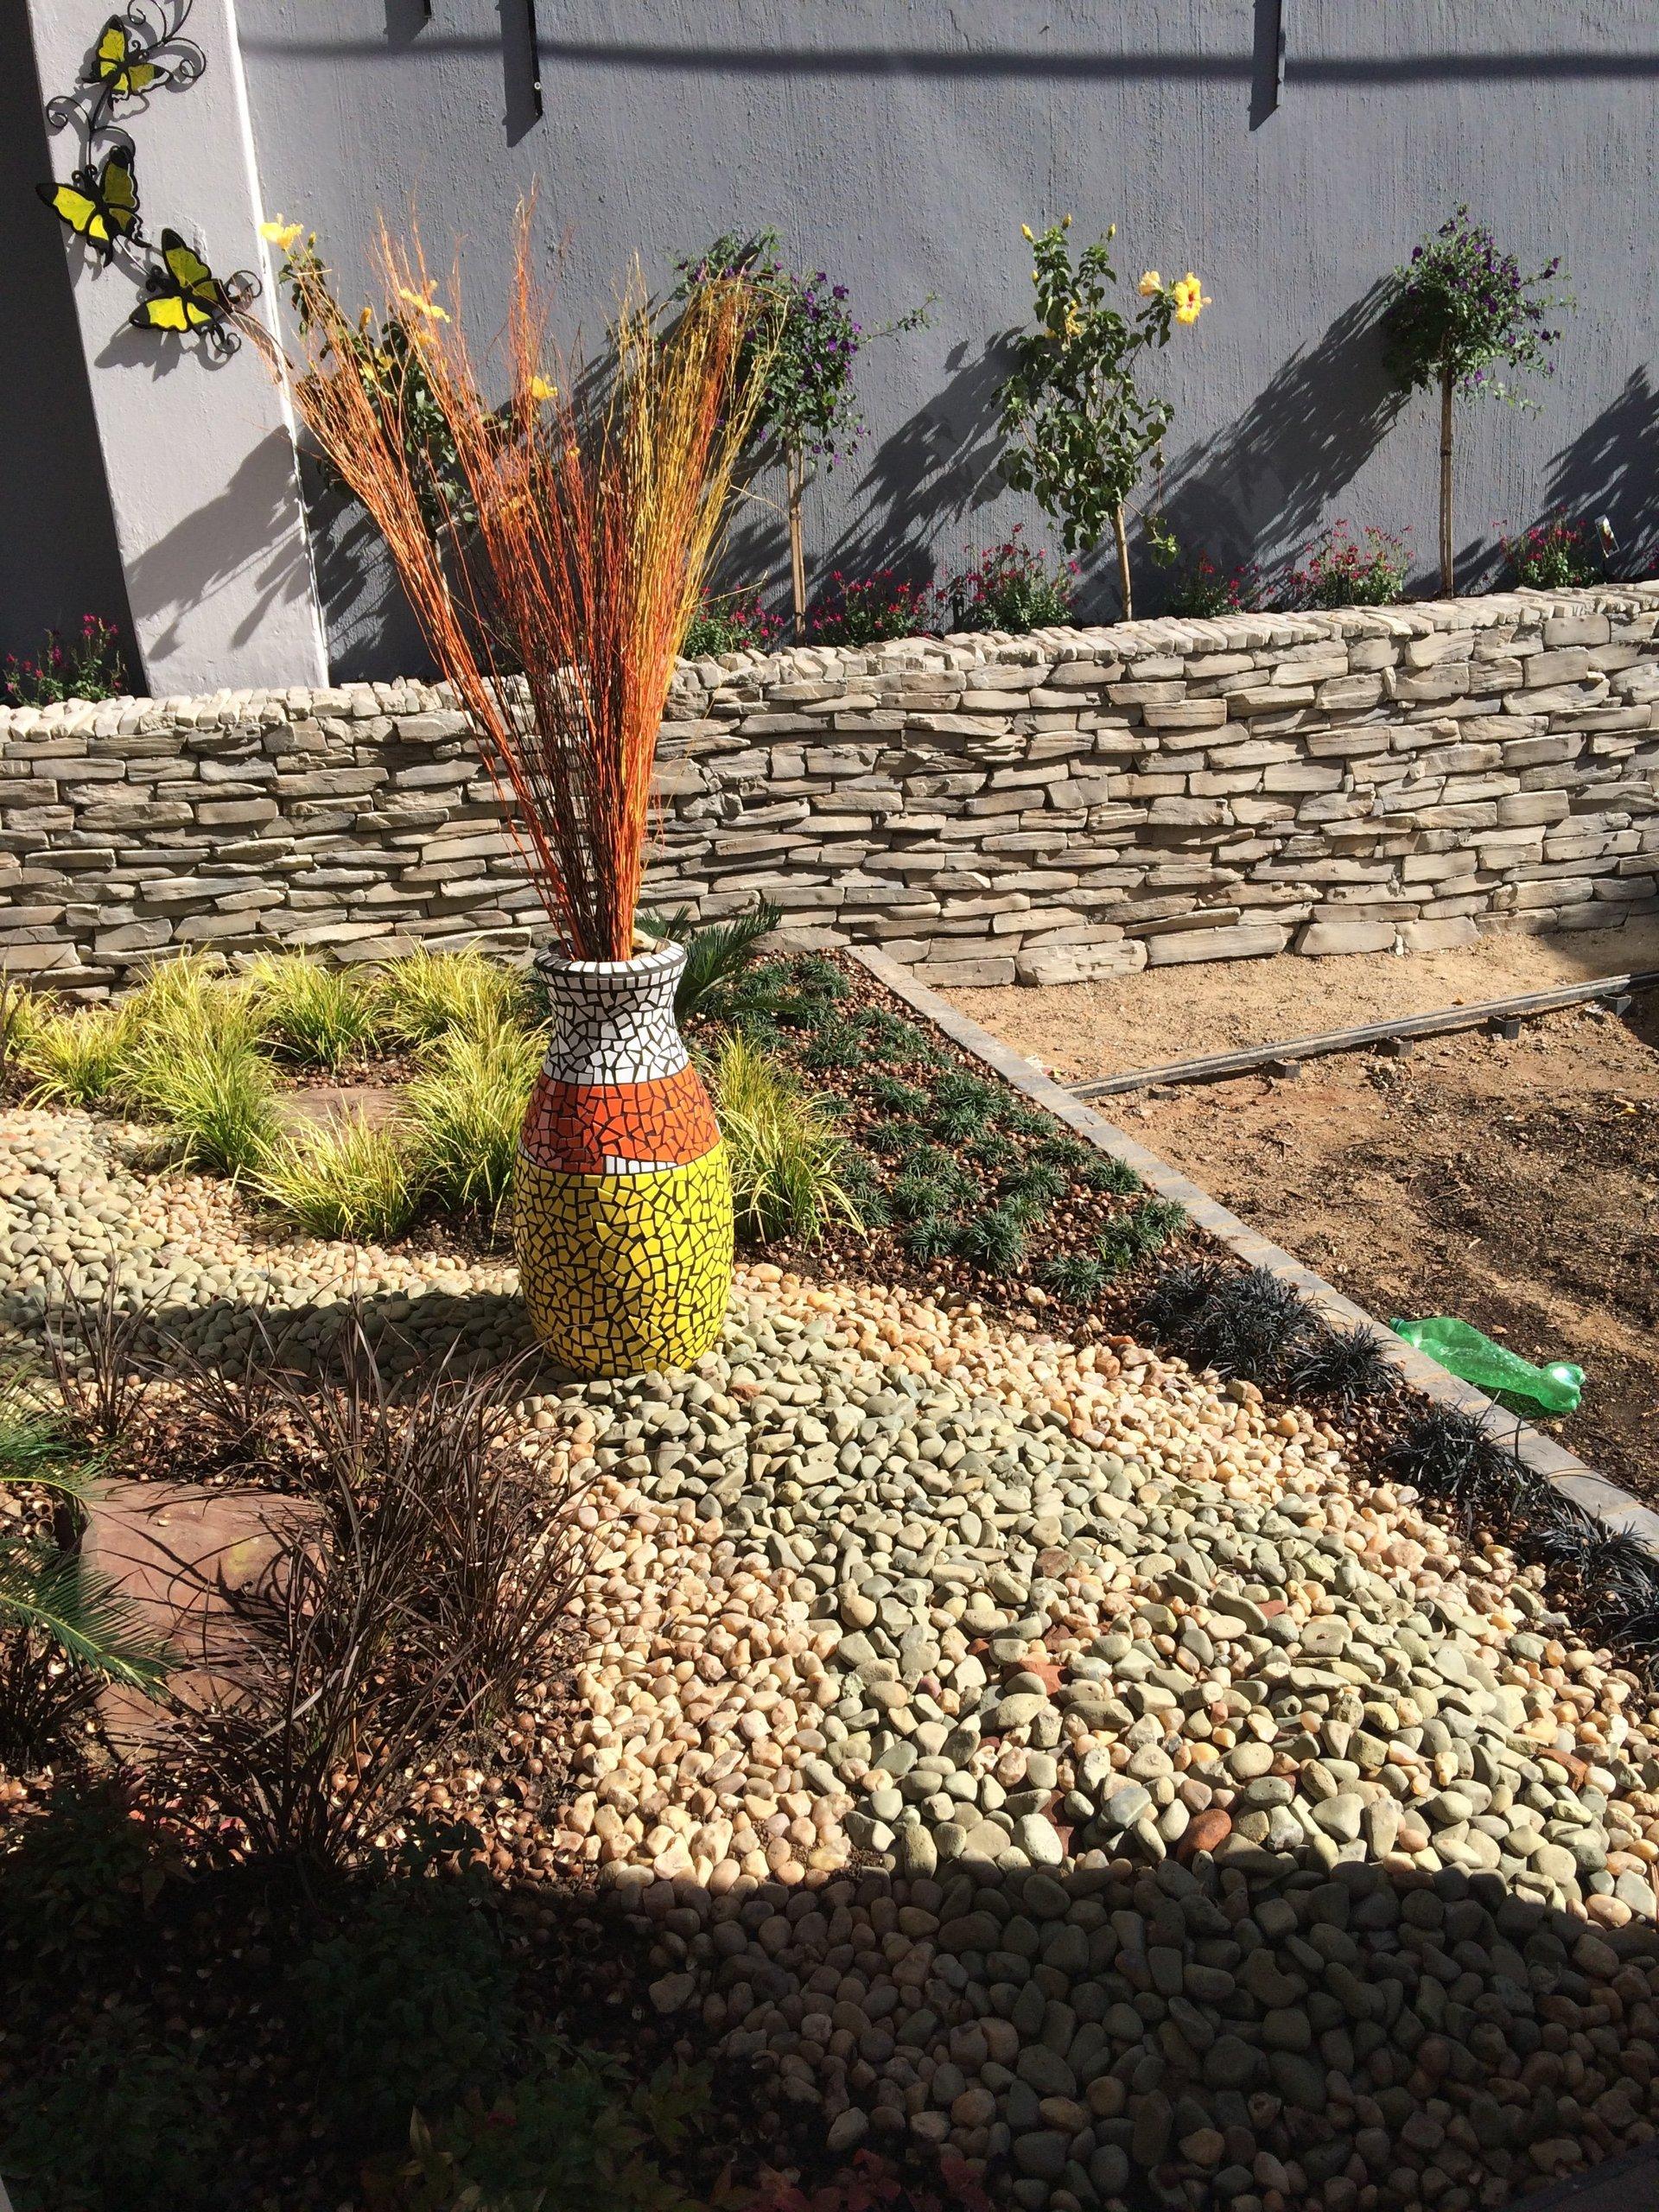 Creative Landscaping - Garden designs, ideas and inspiration Roodepoort Gauteng